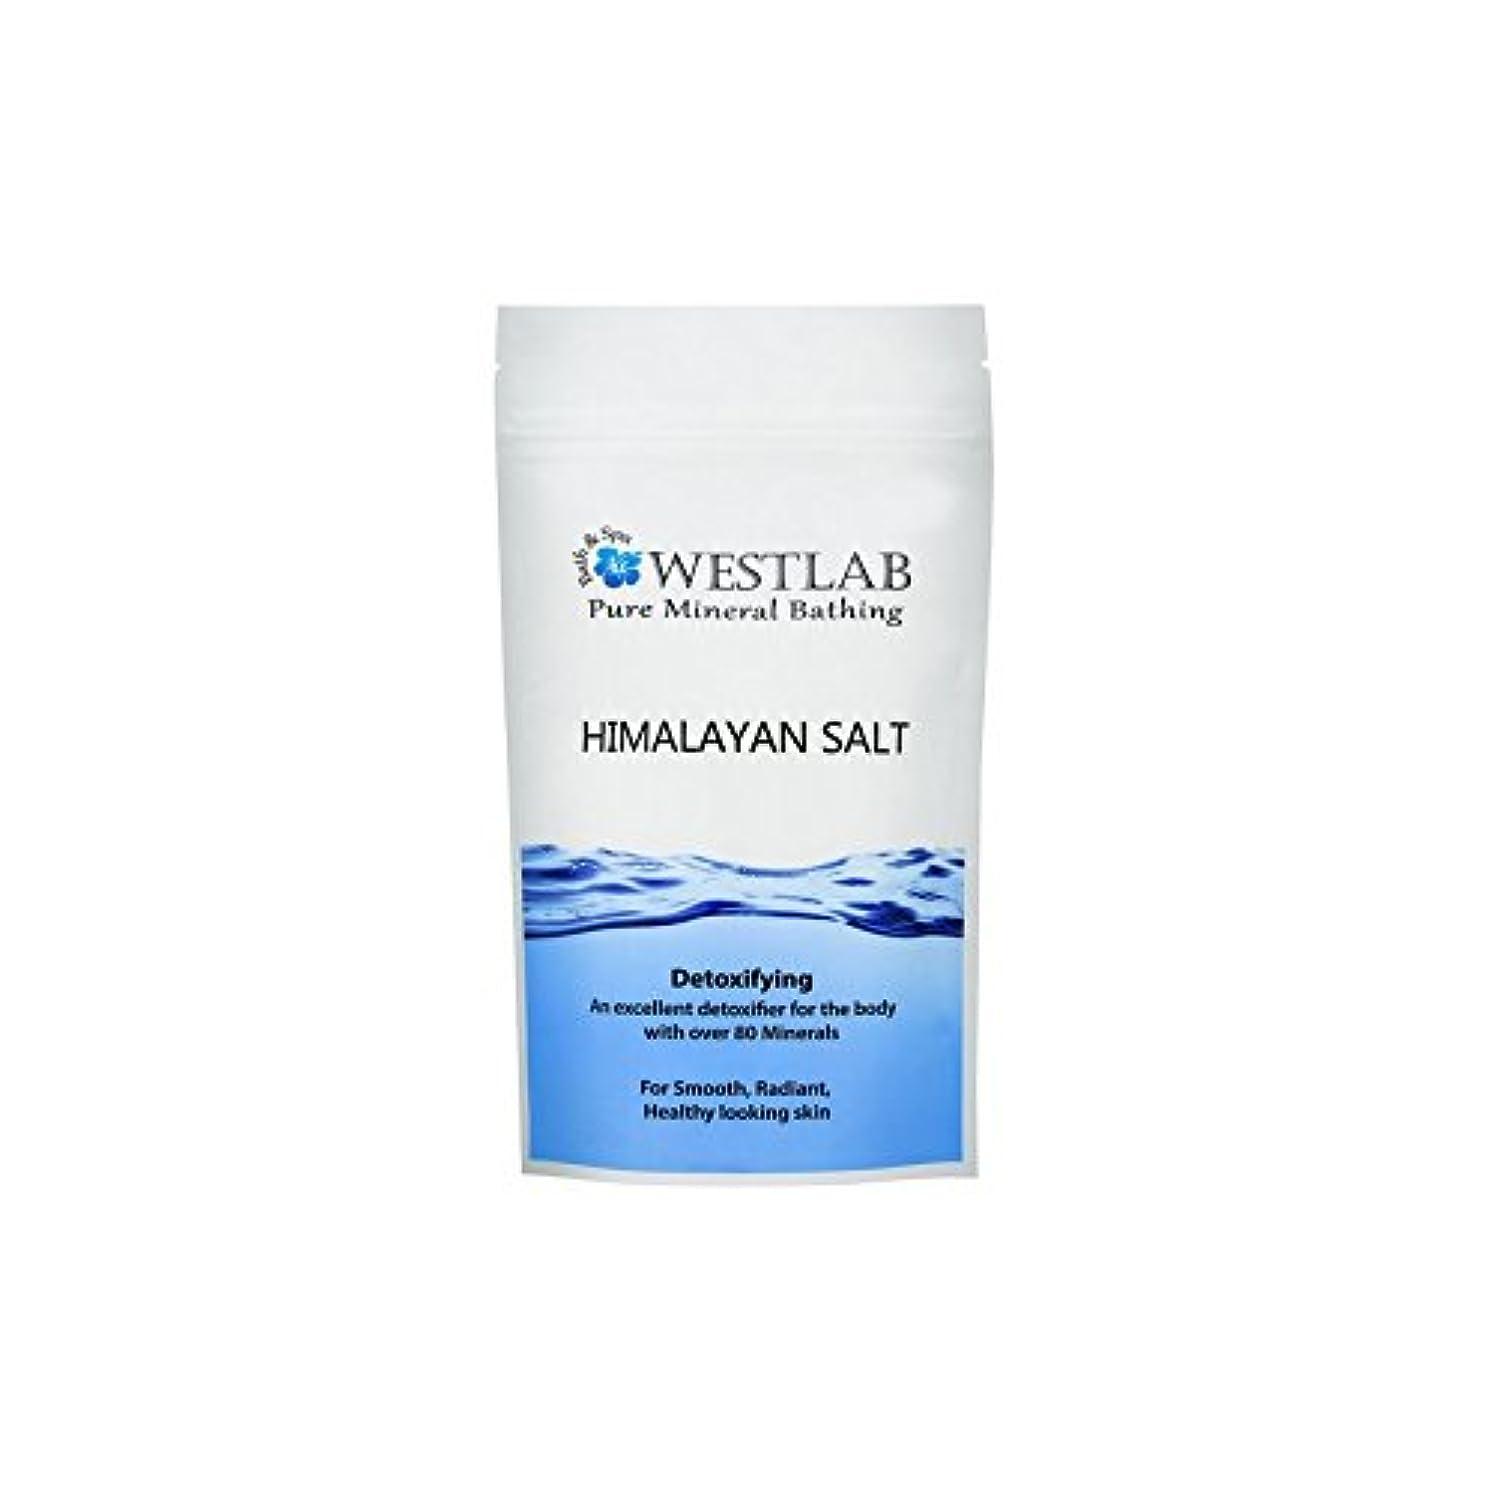 ヒマラヤ塩の1キロ x2 - Westlab Himalayan Salt 1kg (Pack of 2) [並行輸入品]